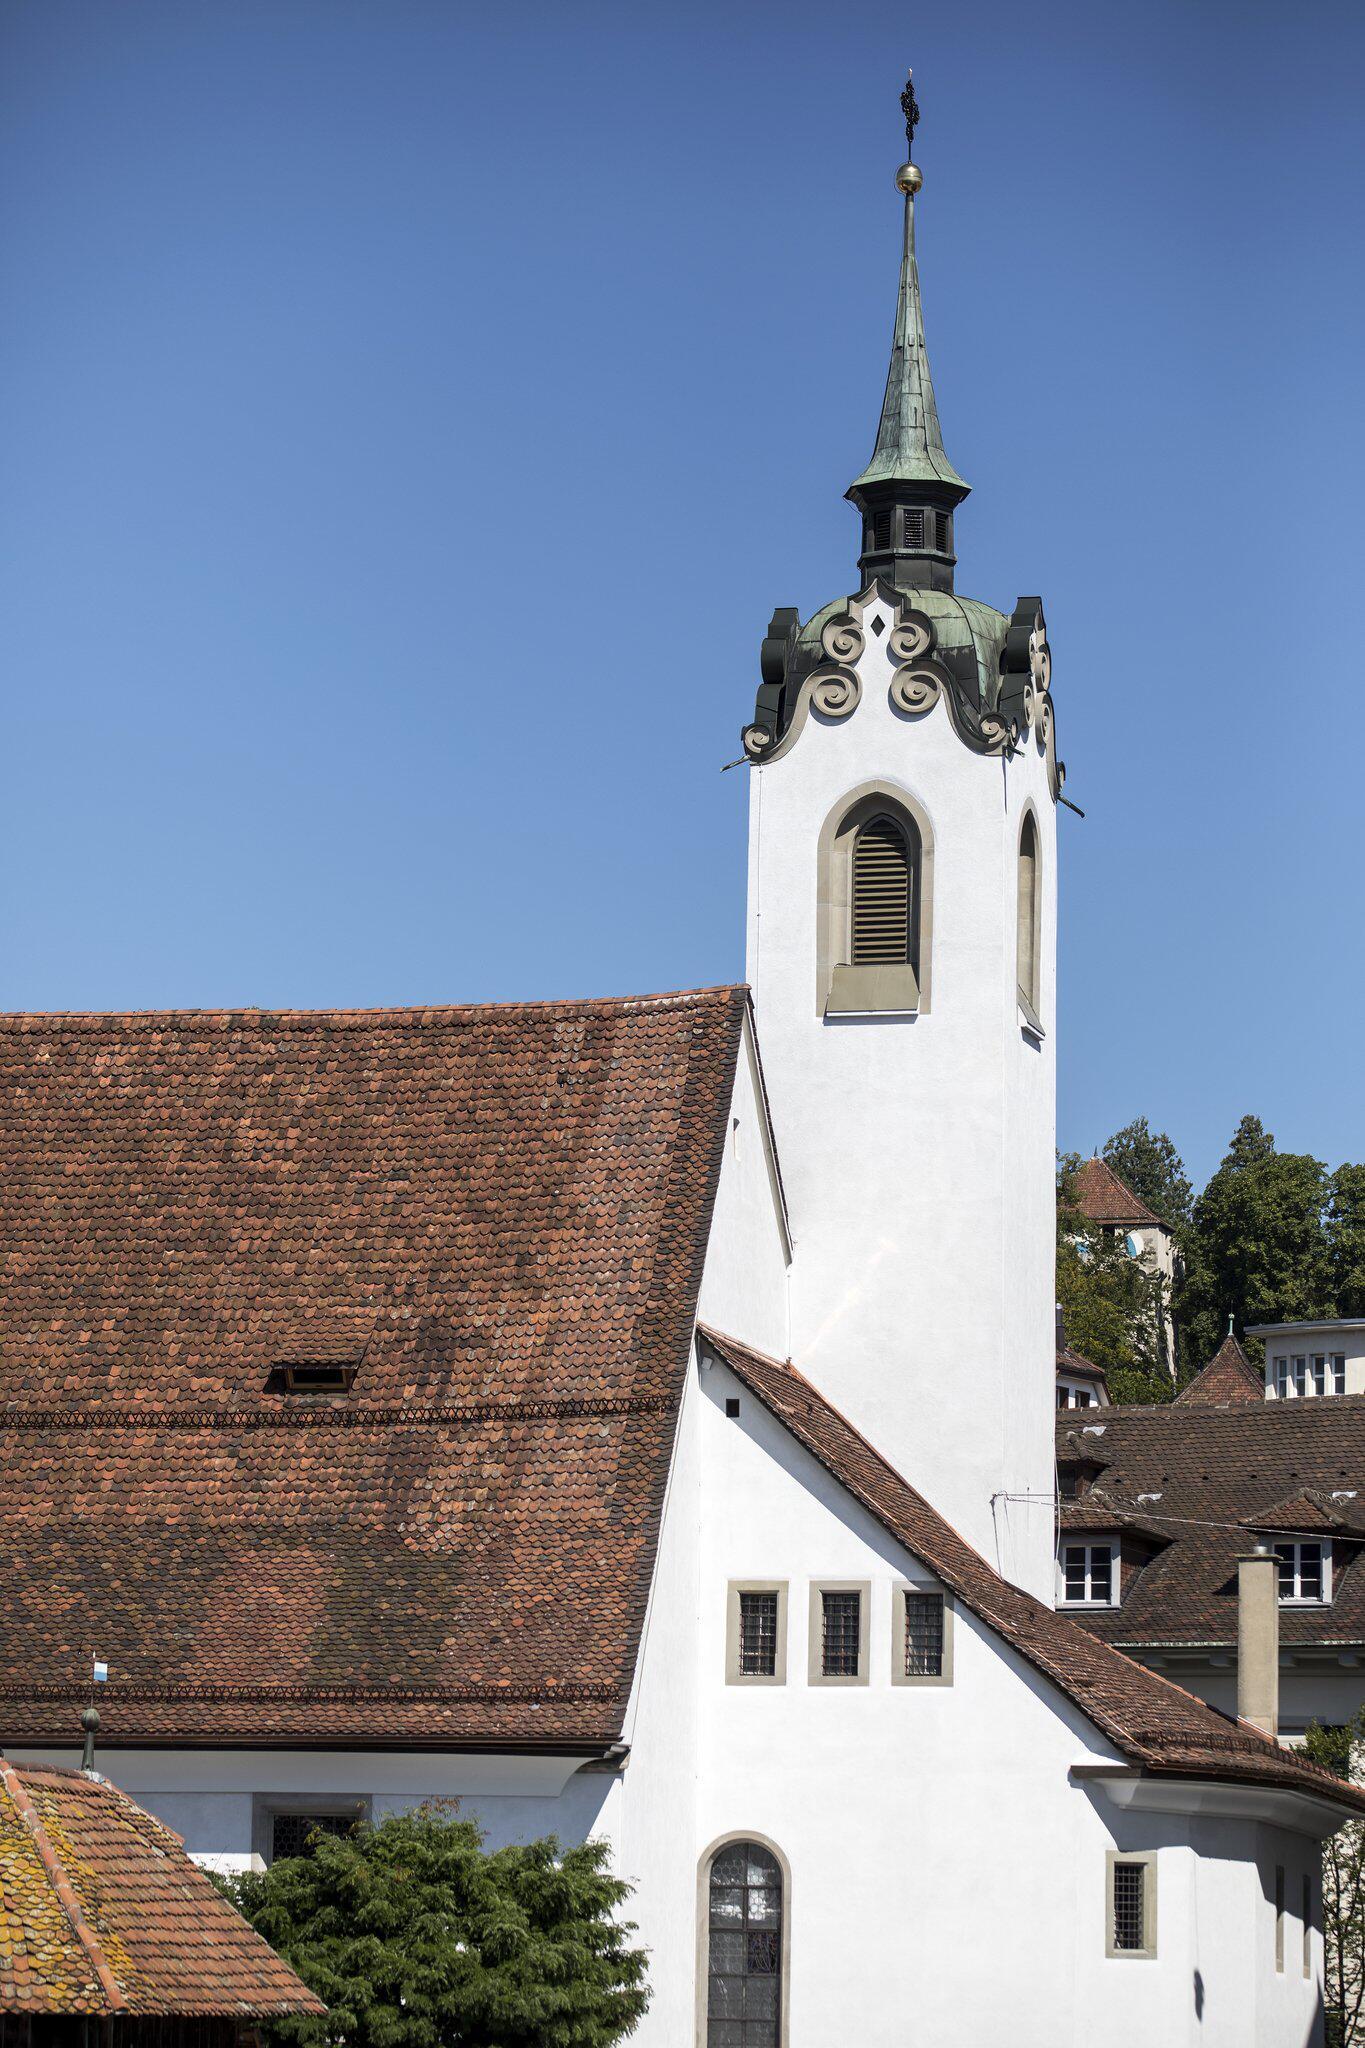 Bild zu Handy-Geklingel statt Glockenläuten in der Schweiz